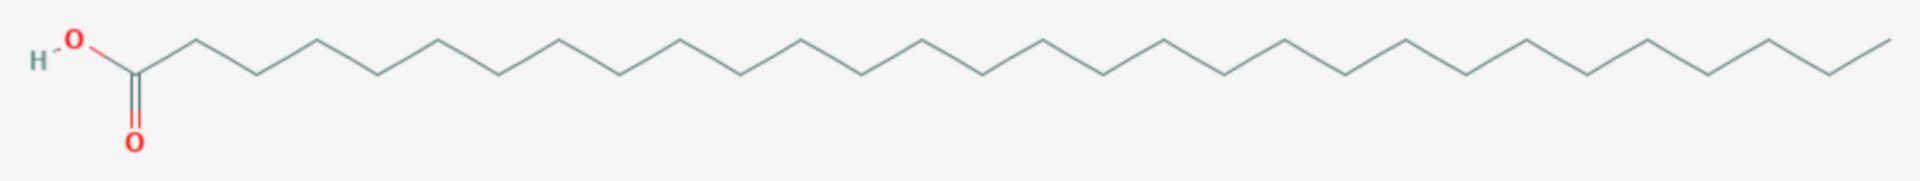 Melissinsäure (Strukturformel)